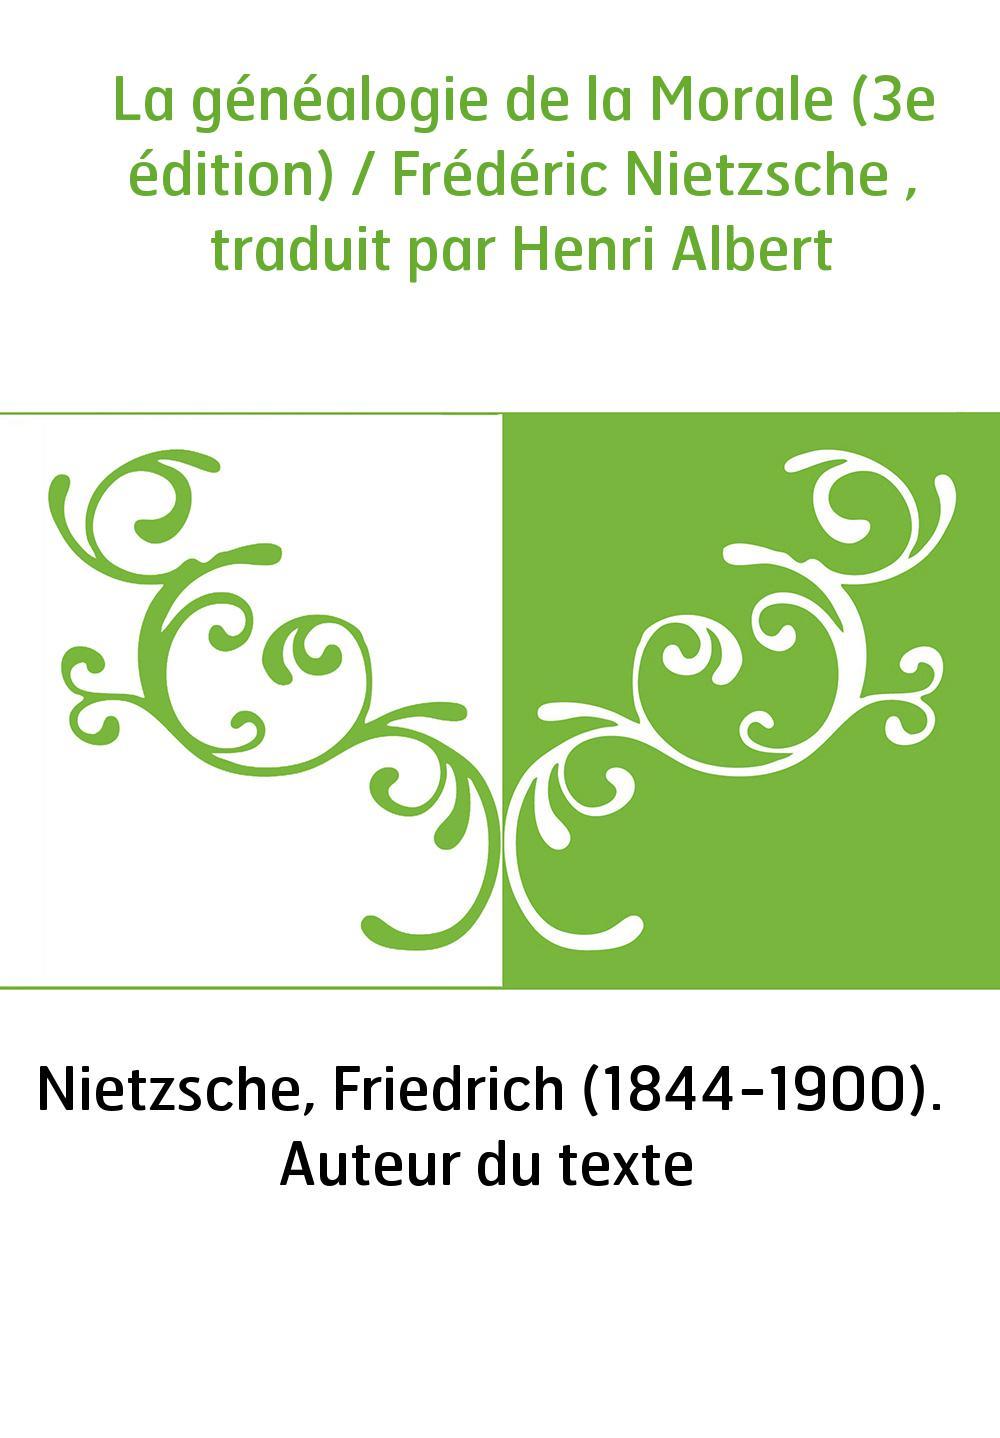 La généalogie de la Morale (3e édition) / Frédéric Nietzsche , traduit par Henri Albert